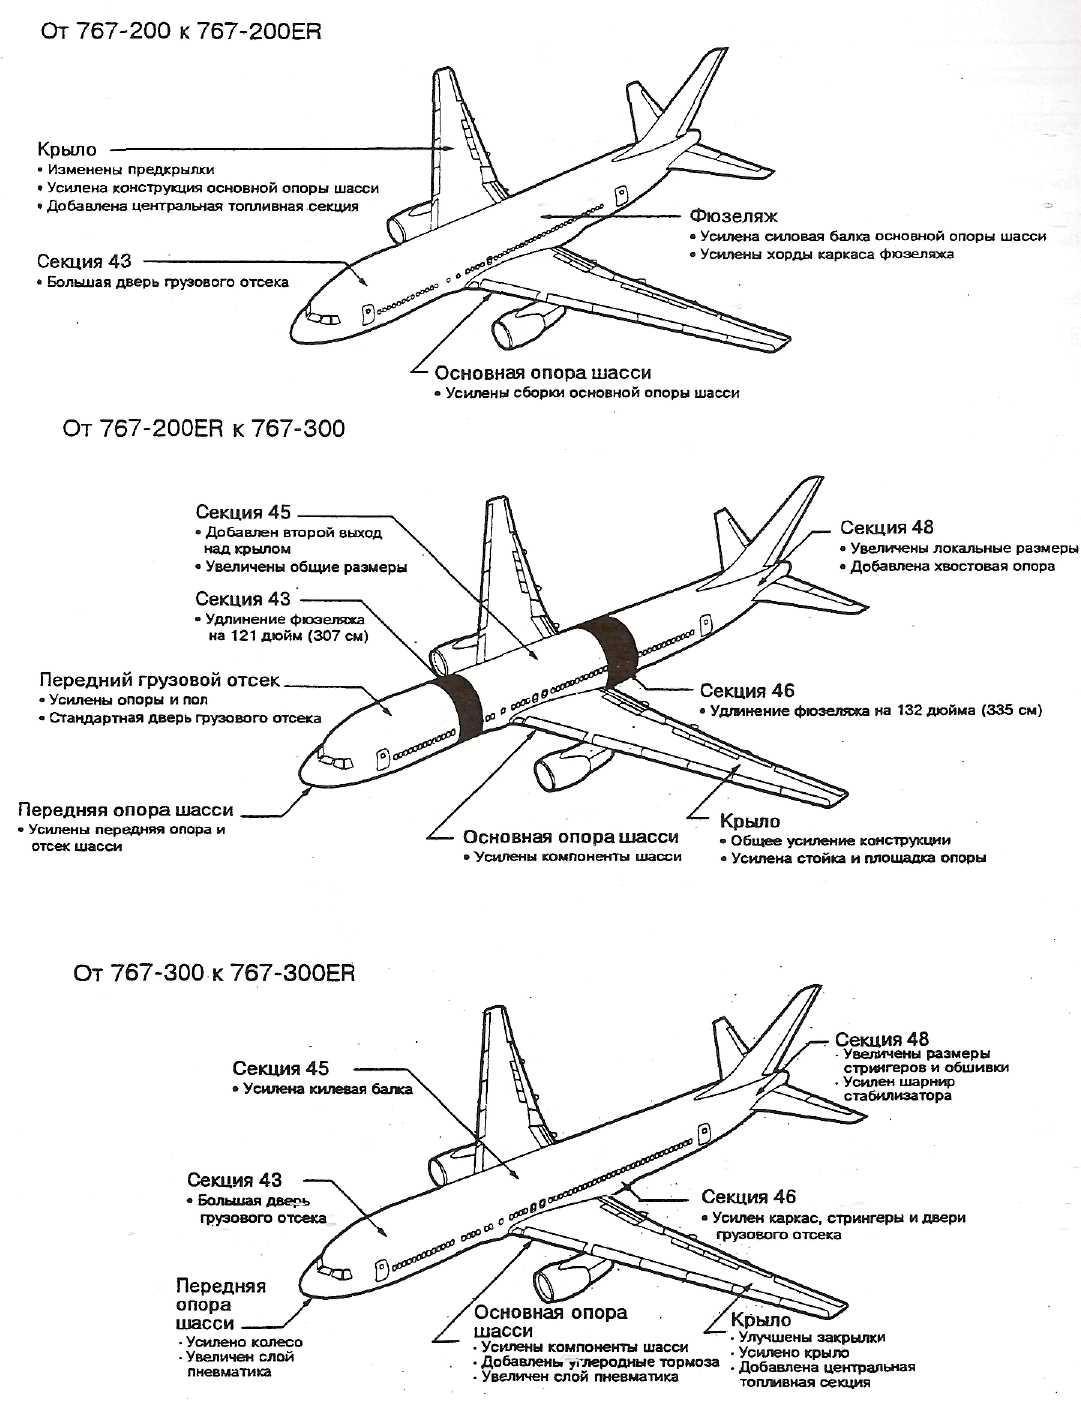 Боинг 767 схема самолета фото